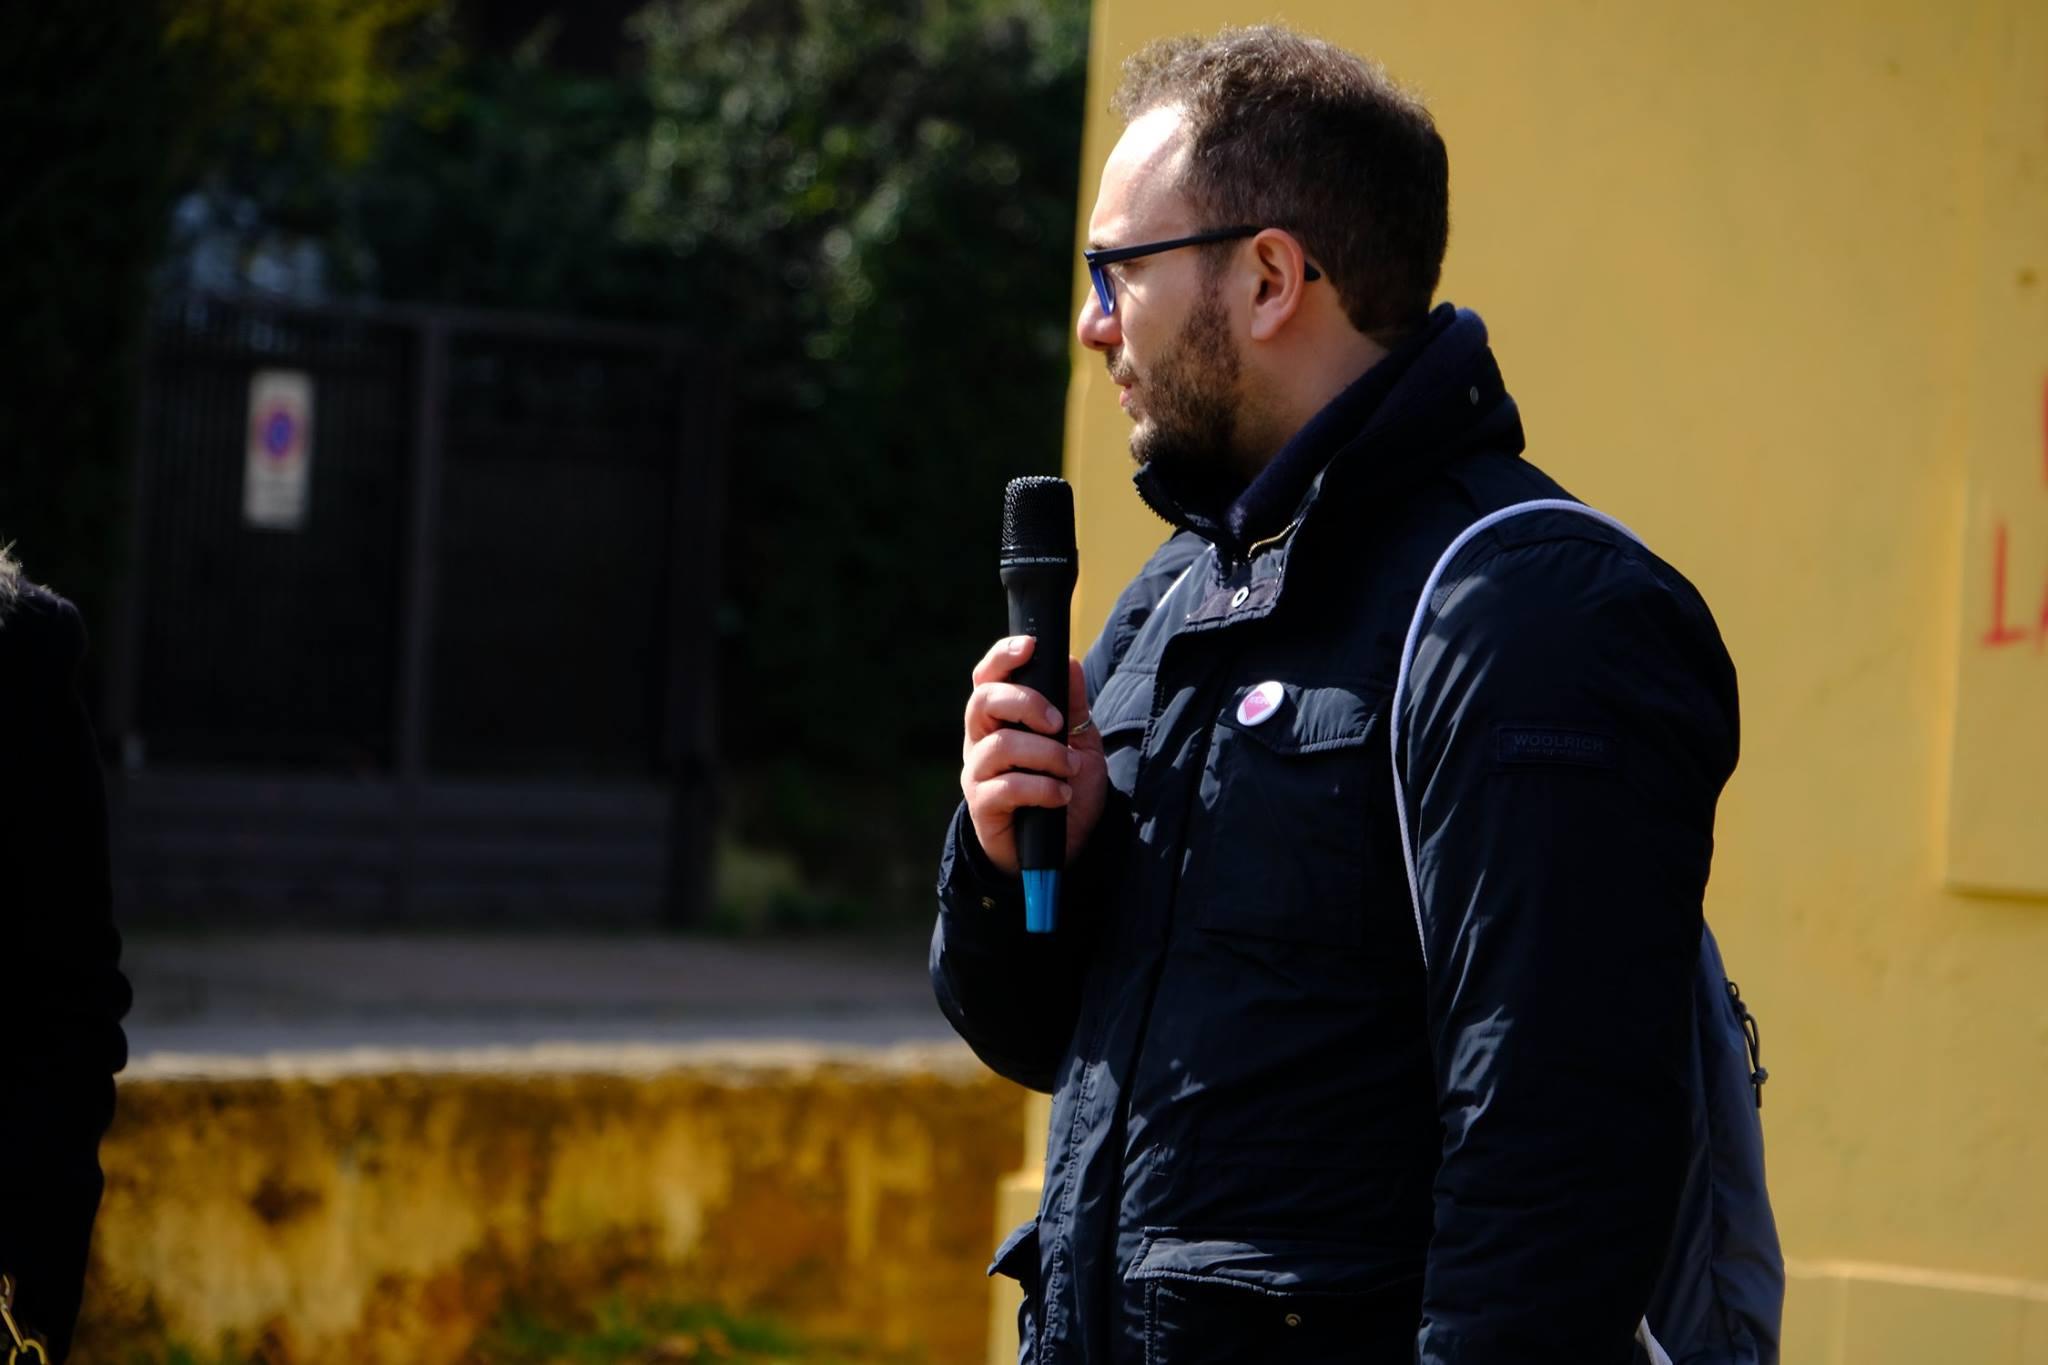 Lorenzo Ciociola